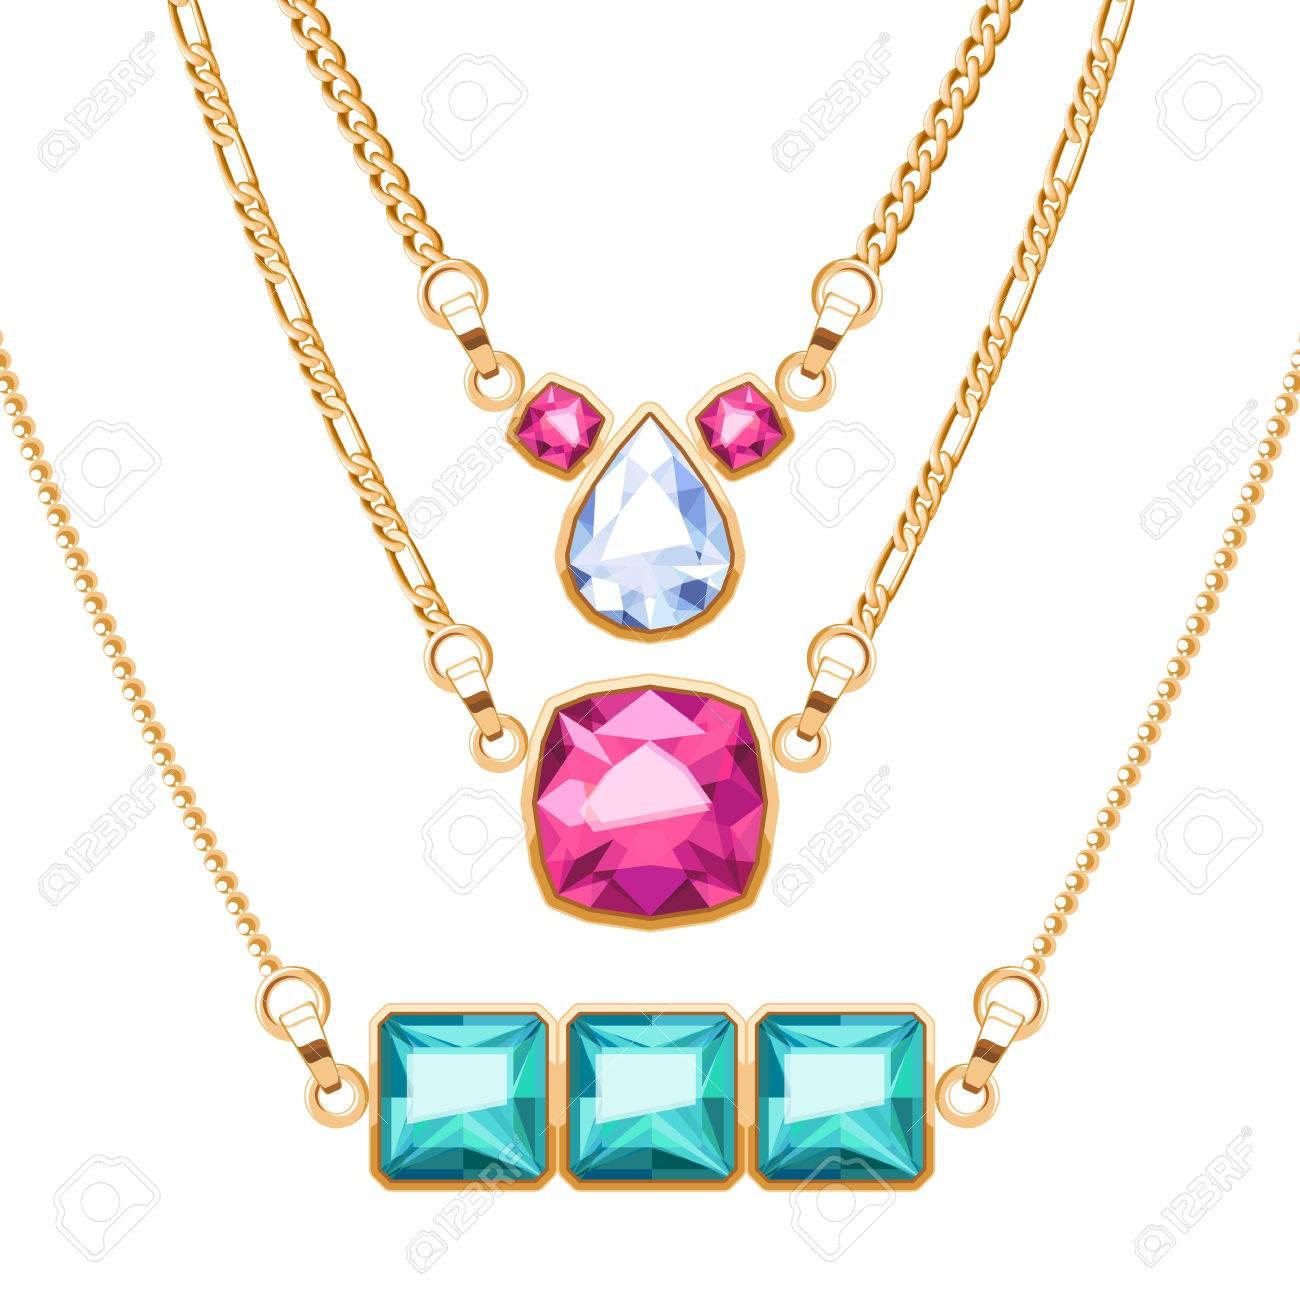 7313c3dcc5d6 Collares de cadena de oro fijados con el diamante rubí y esmeralda piedras  preciosas colgantes.